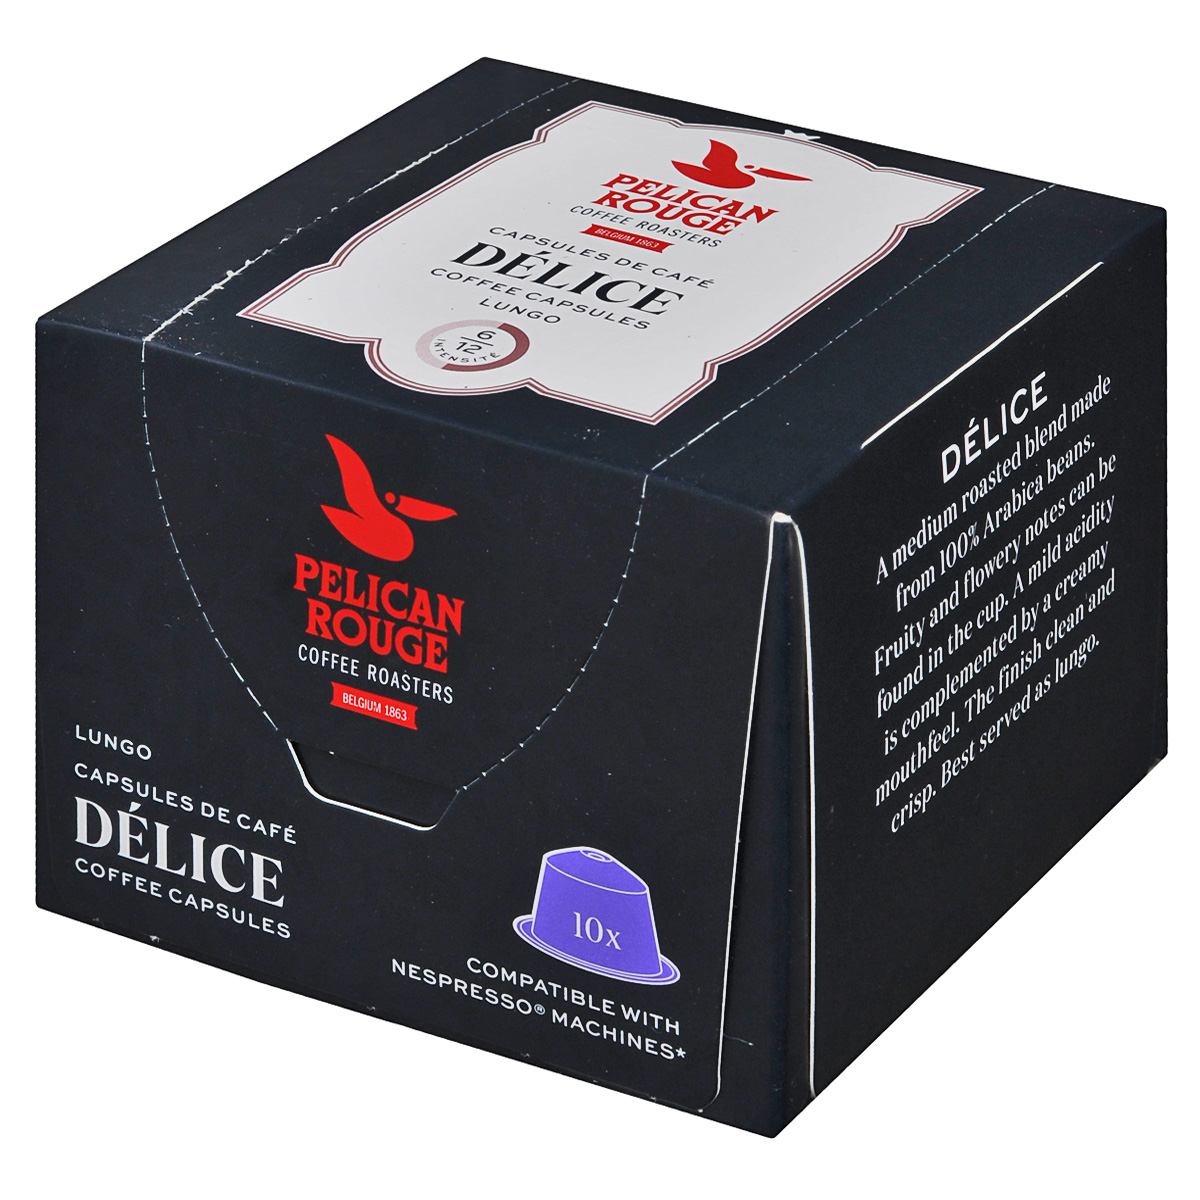 Pelican Rouge Delice кофе в капсулах, 10 шт5410958482004Кофе в капсулах Pelican Rouge Delice имеет утонченный вкус с оттенками карамели. Кофе средней обжарки характеризуется акцентом на фруктовый вкус с легкой кислинкой.Кофе: мифы и факты. Статья OZON Гид